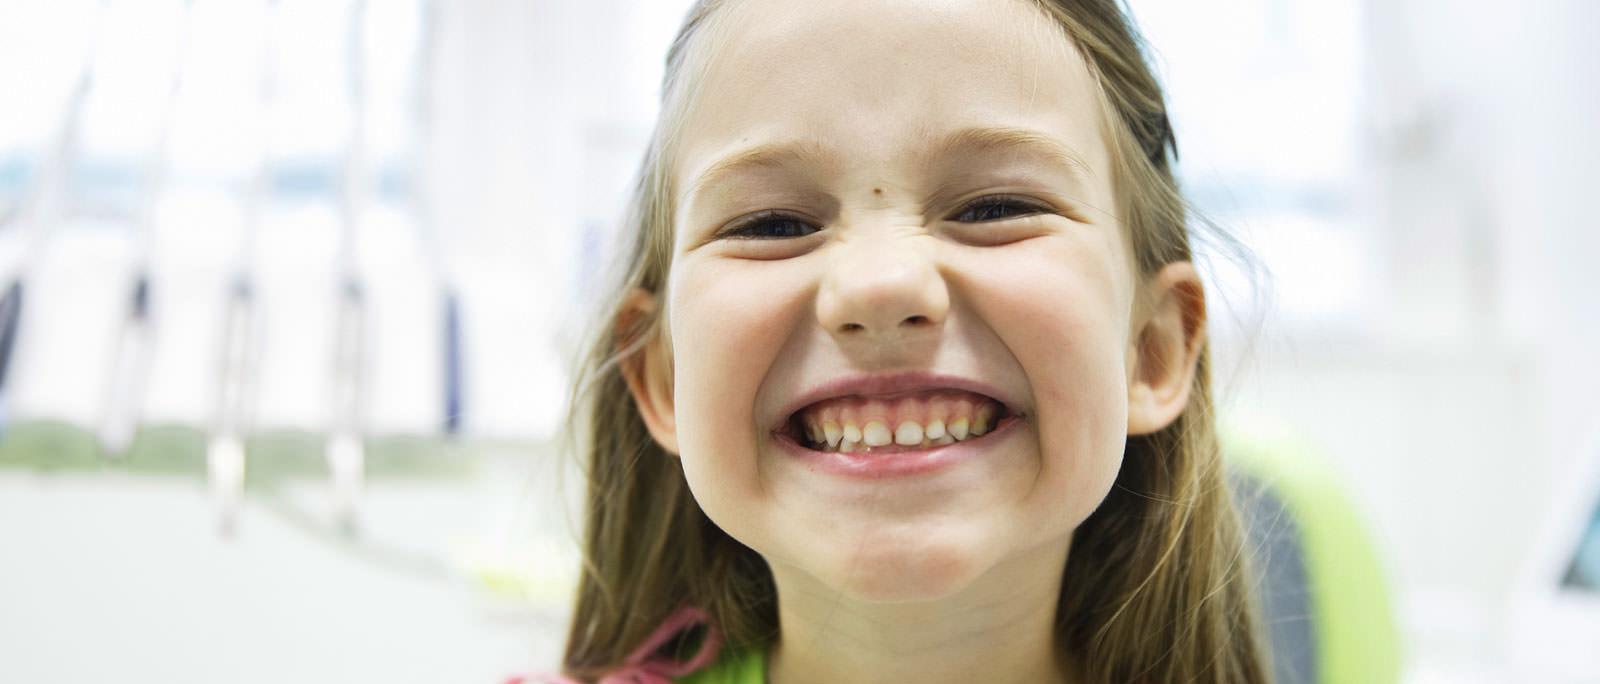 Lose Zahnspangen für Kinder. Wir behandeln Jugendliche und Kinder in unserer Praxis.